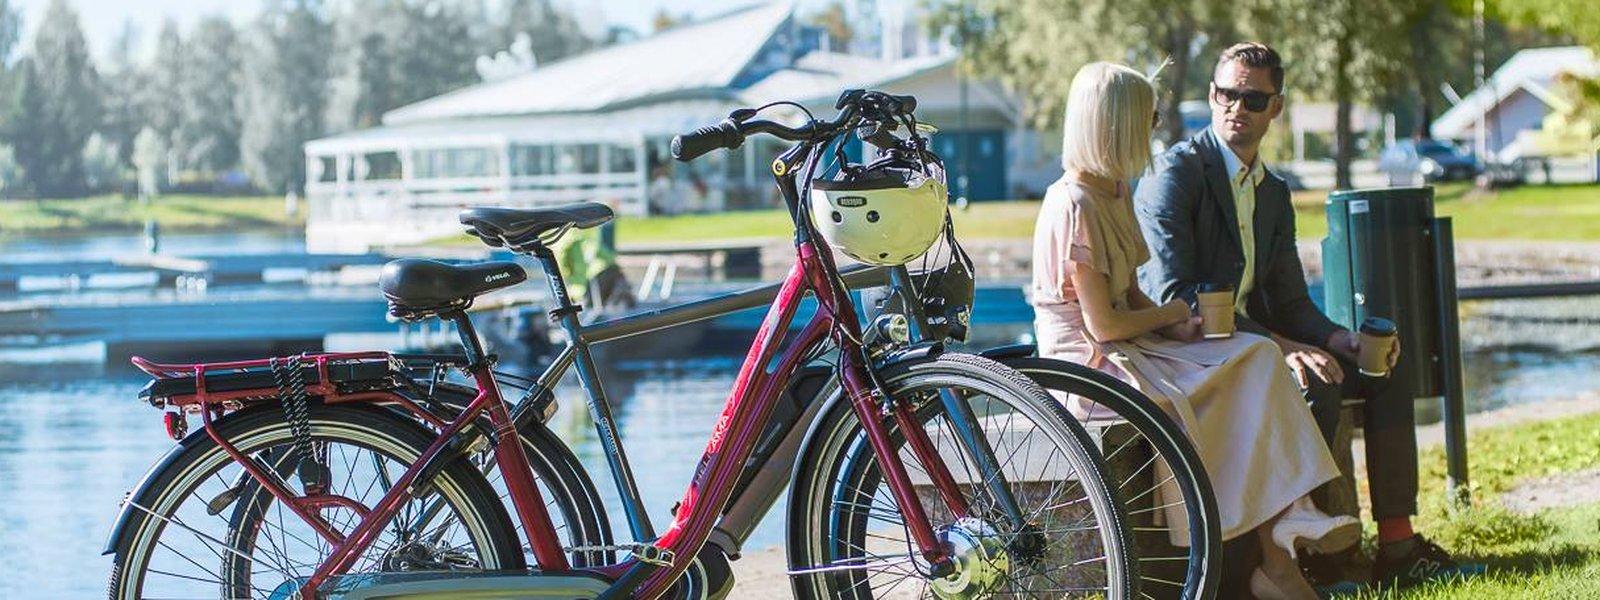 Manges Cykelverkstad - Störst på elcyklar i Gävle 76b3dd84109ea